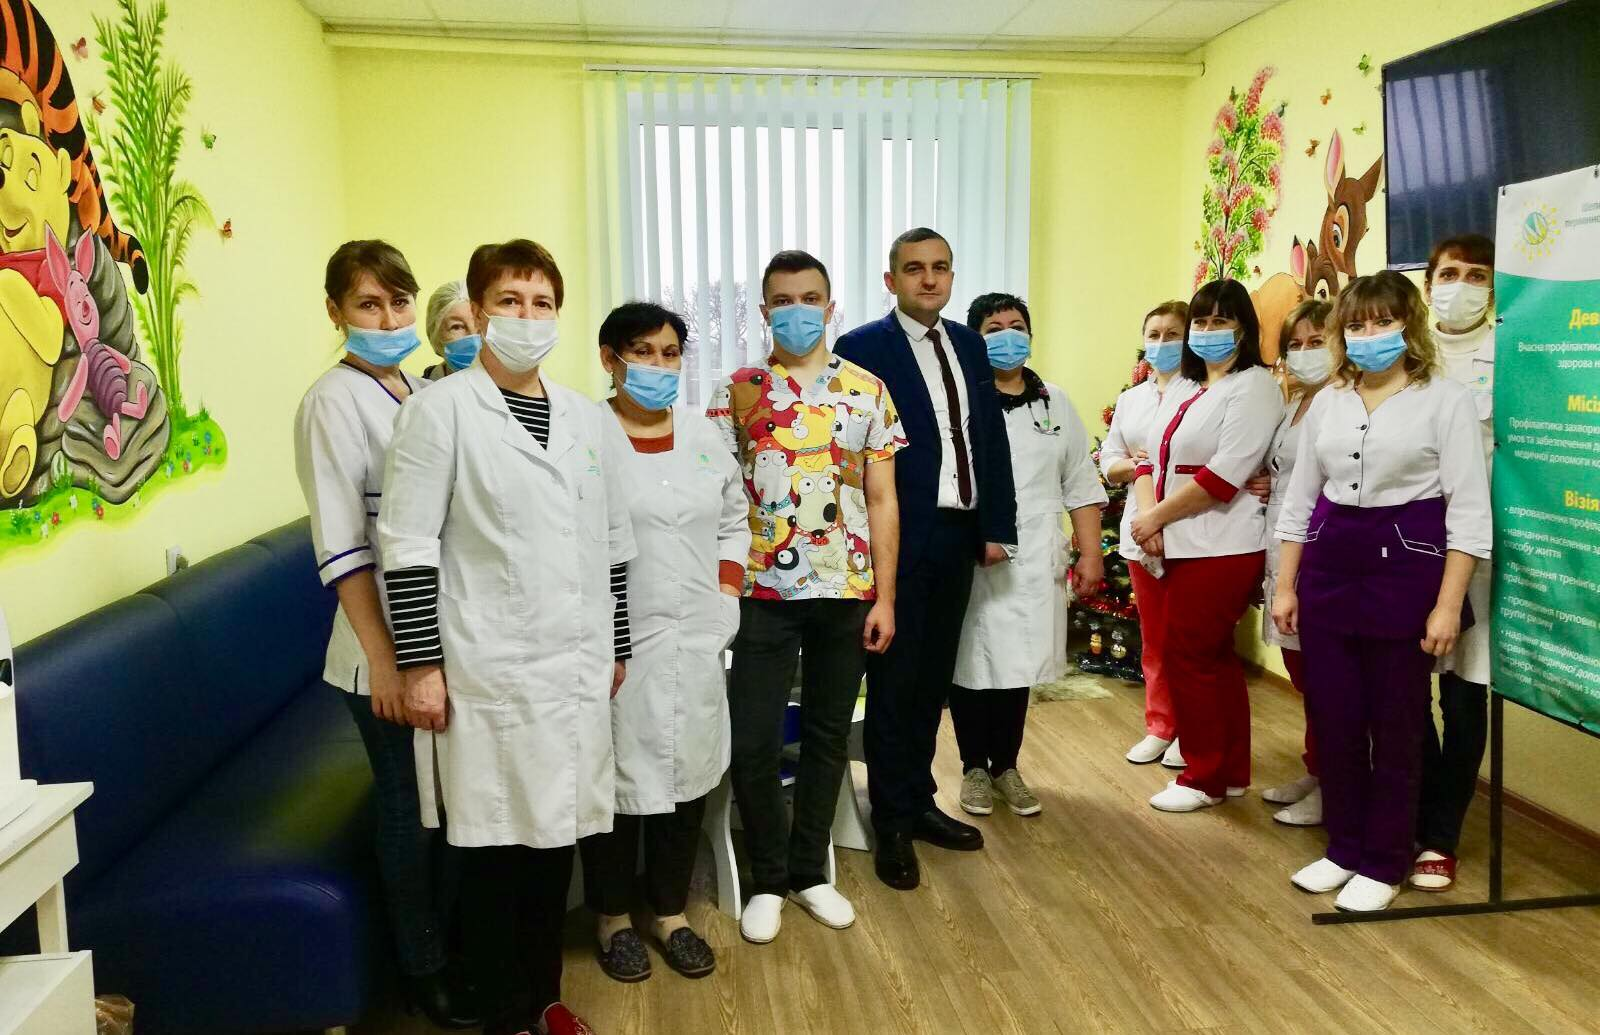 Шепетівська первинна ланка медицини серед 15-ти кращих в Україні |  Хмельниччина північ